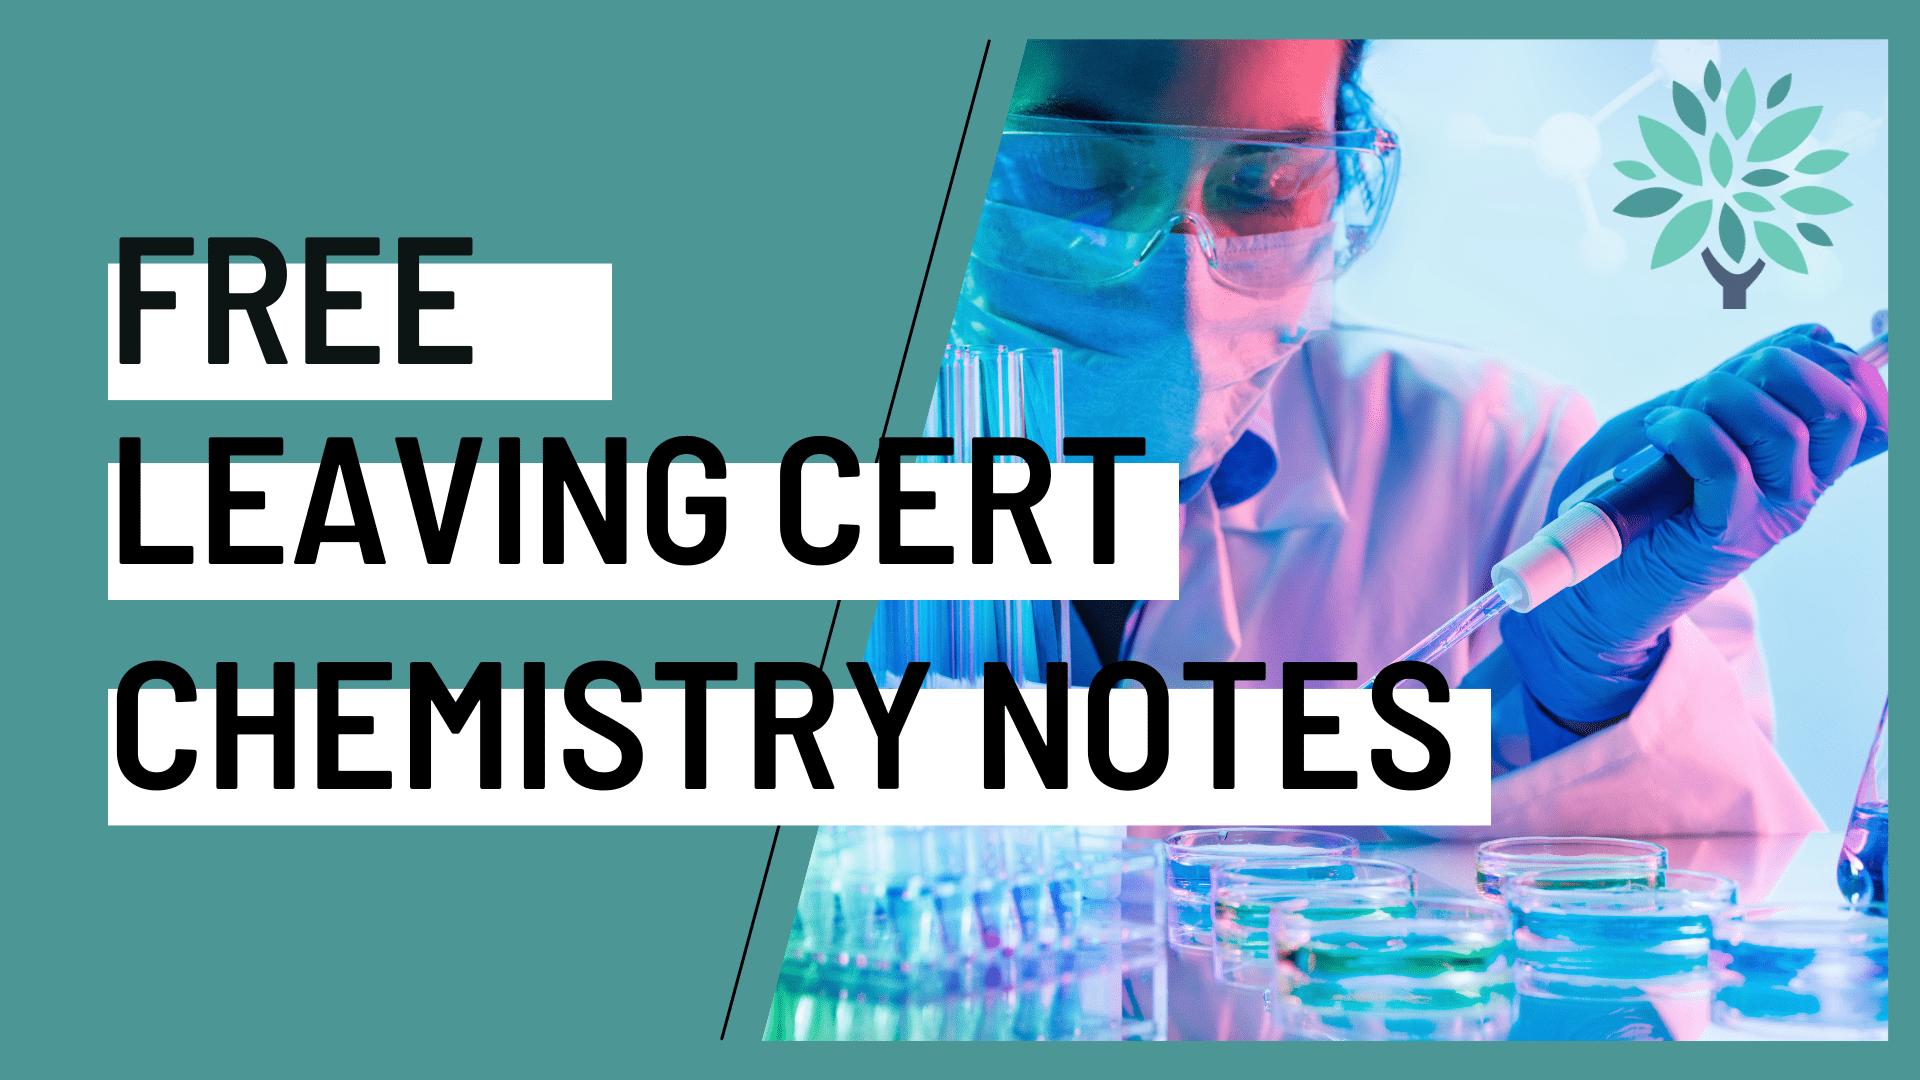 free leaving cert chemistry notes